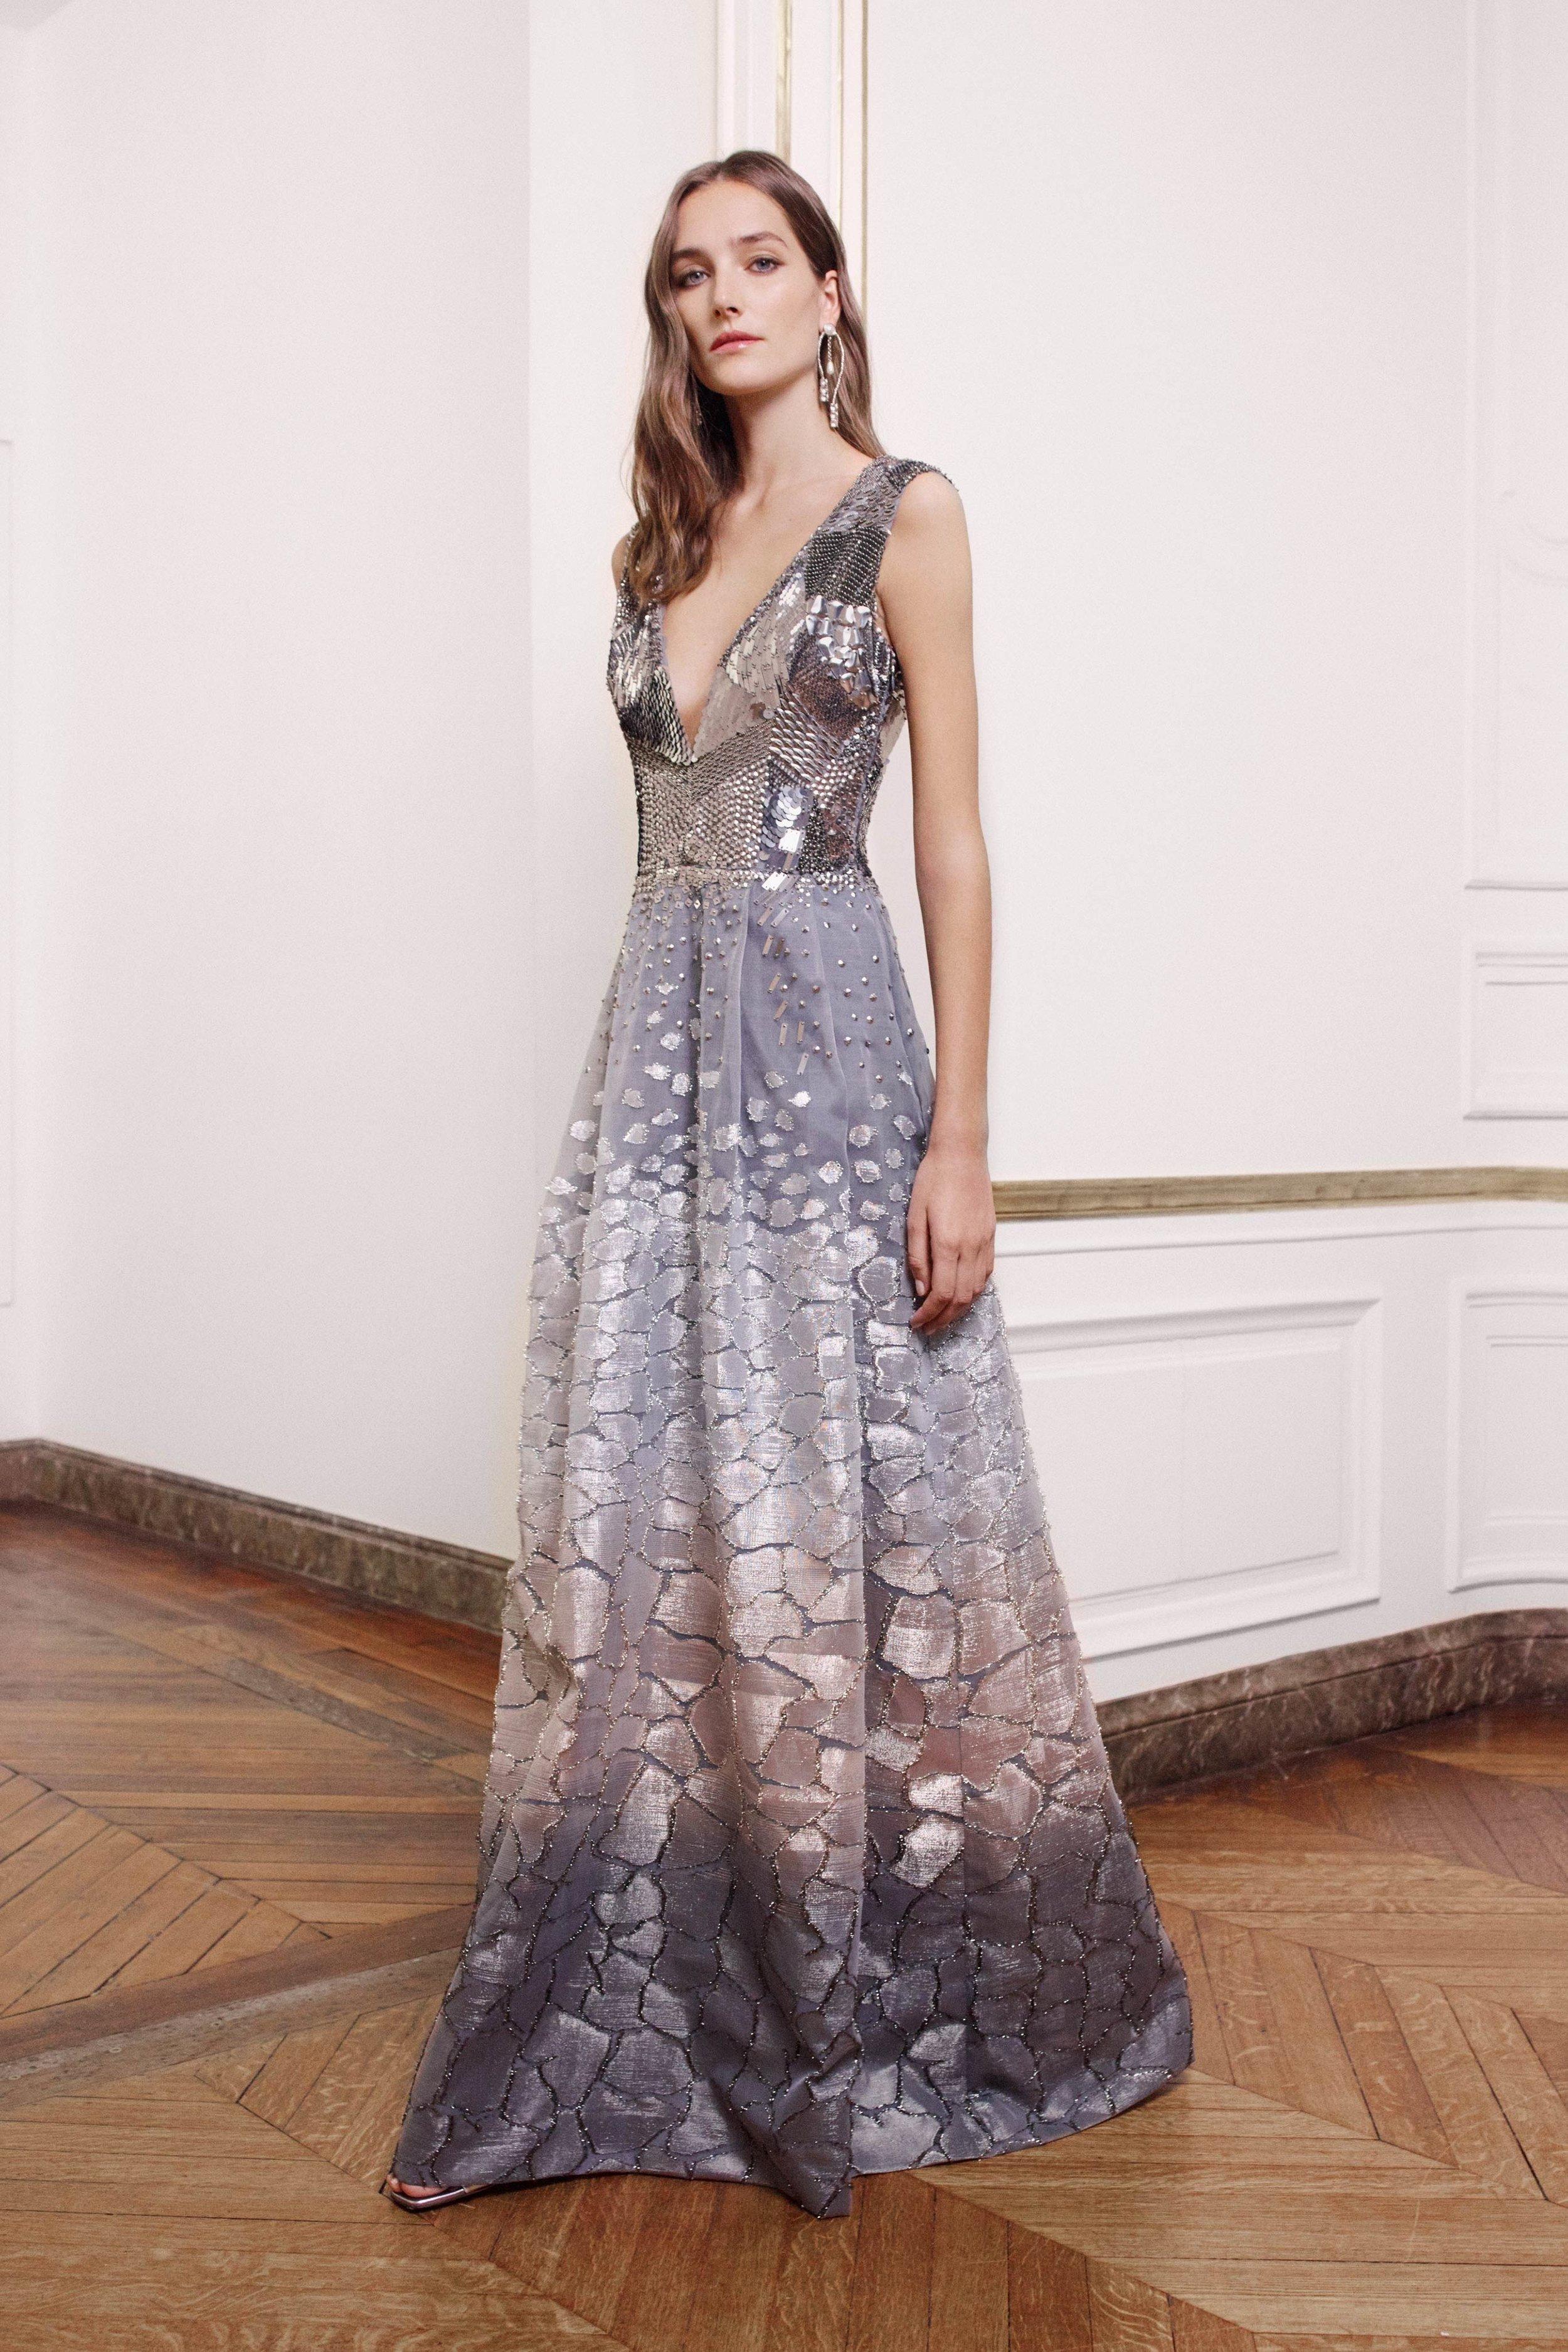 00003-alberta-ferreti-paris-couture-spring-19.jpg